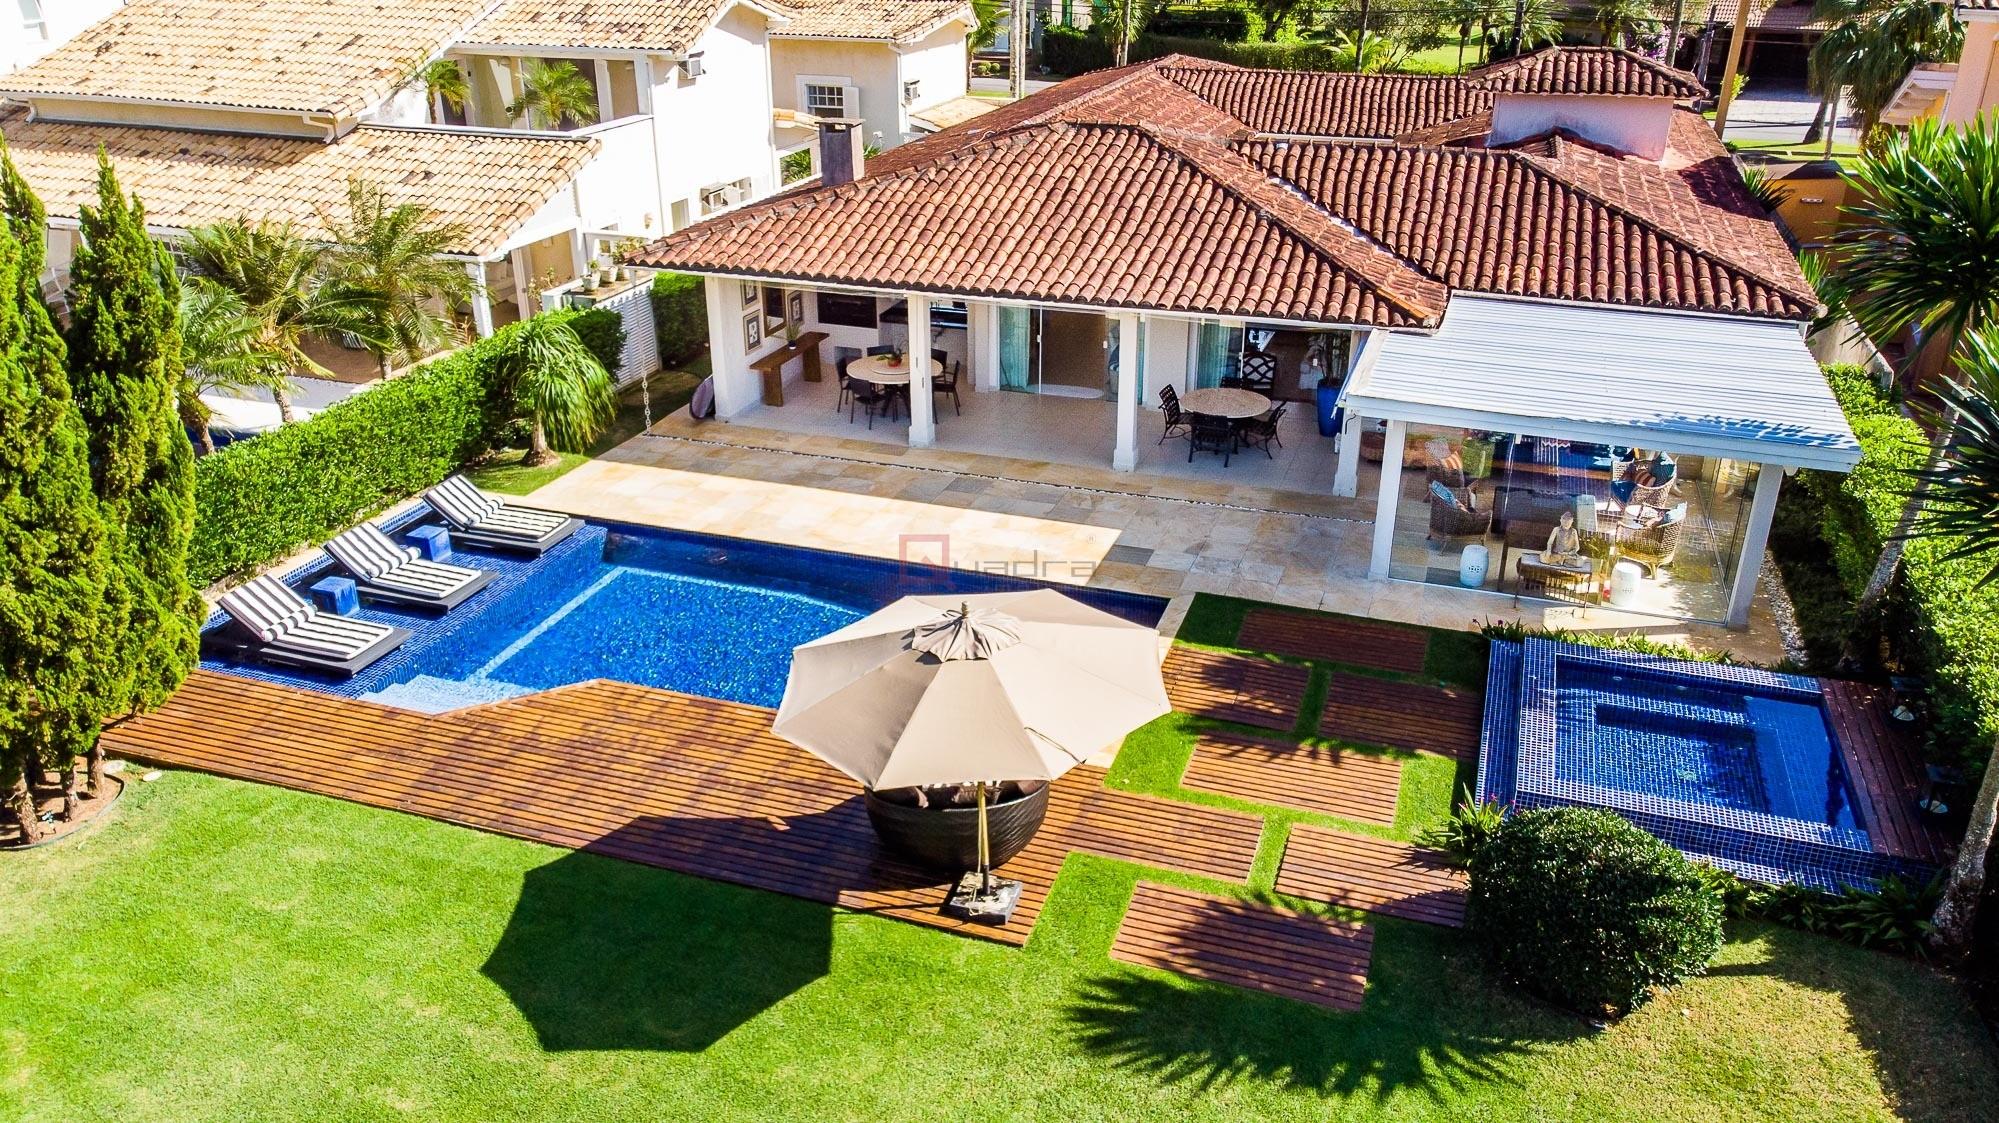 Casa com 4 dormitórios à venda em Caraguatatuba, no bairro Tabatinga